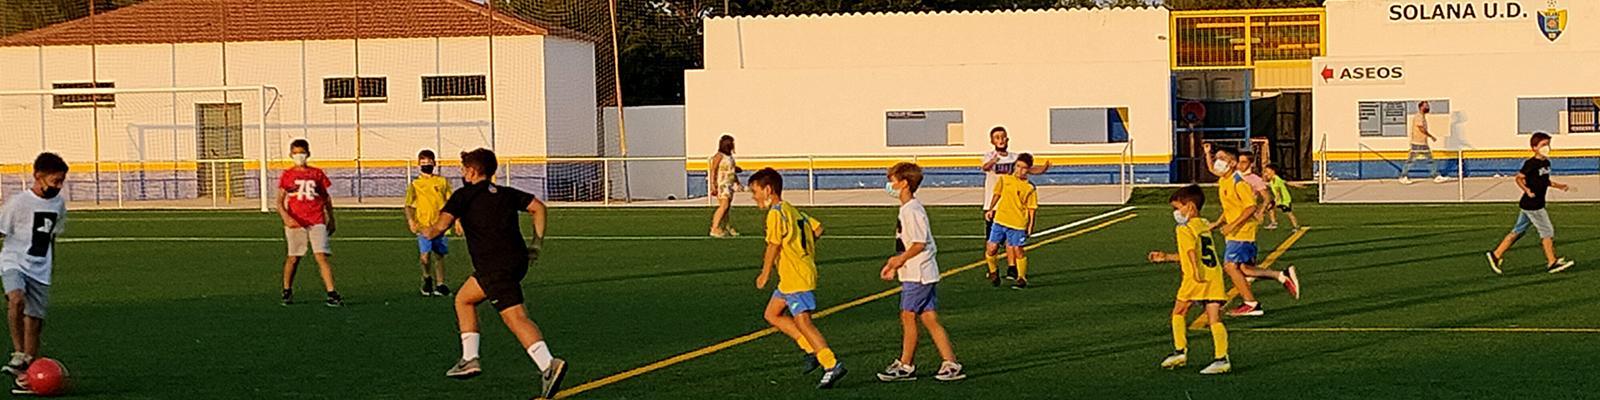 Solana de los Barros ya dispone de un campo de fútbol de césped artificial fruto del